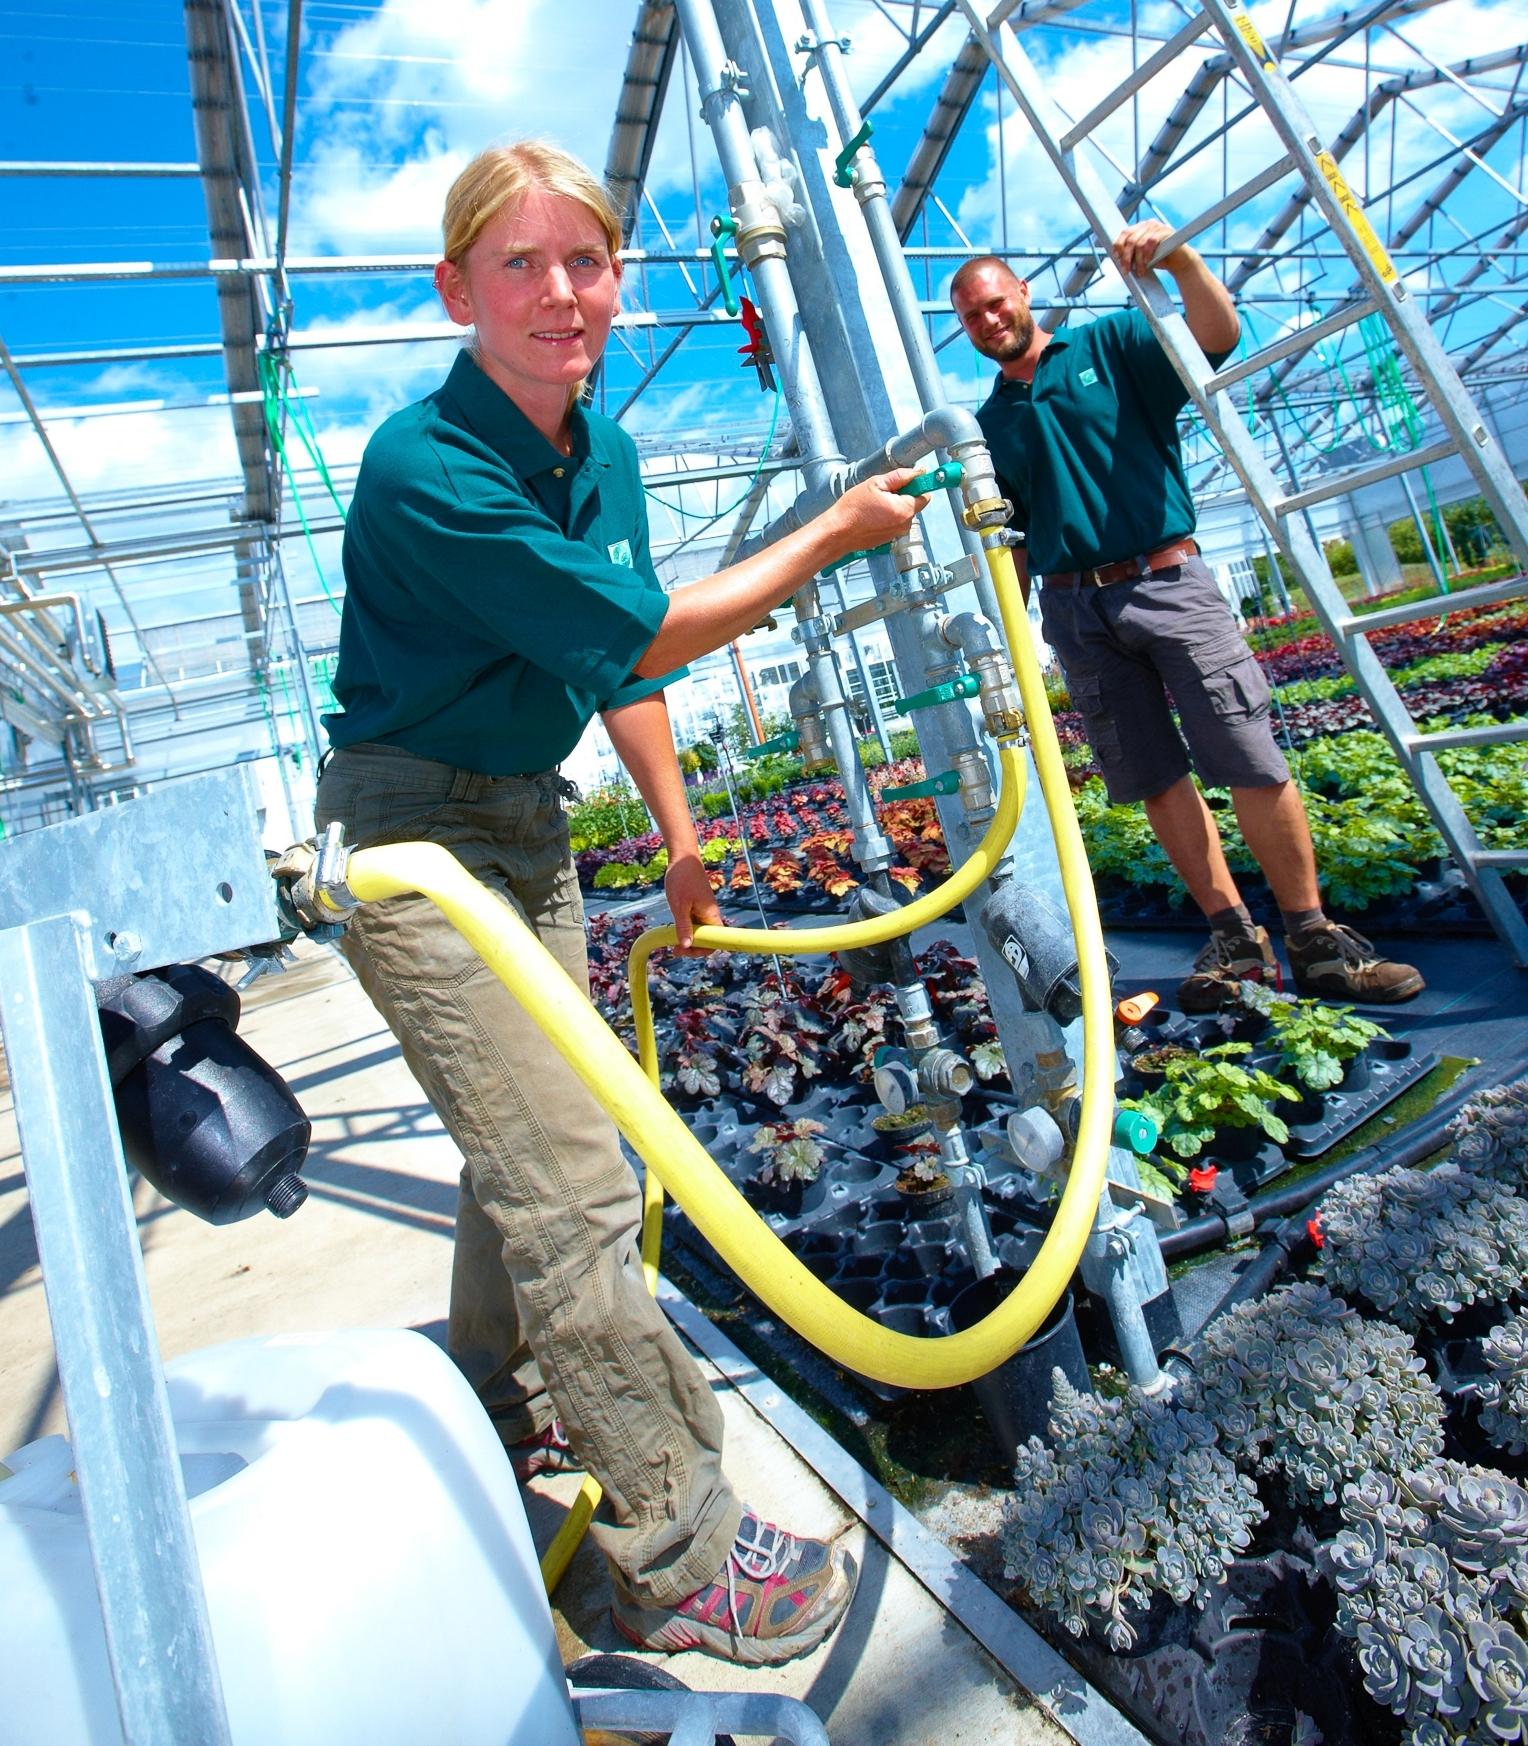 Für kurzentschlossene Naturliebhaber: Jetzt noch eine Ausbildung zum Gärtner beginnen